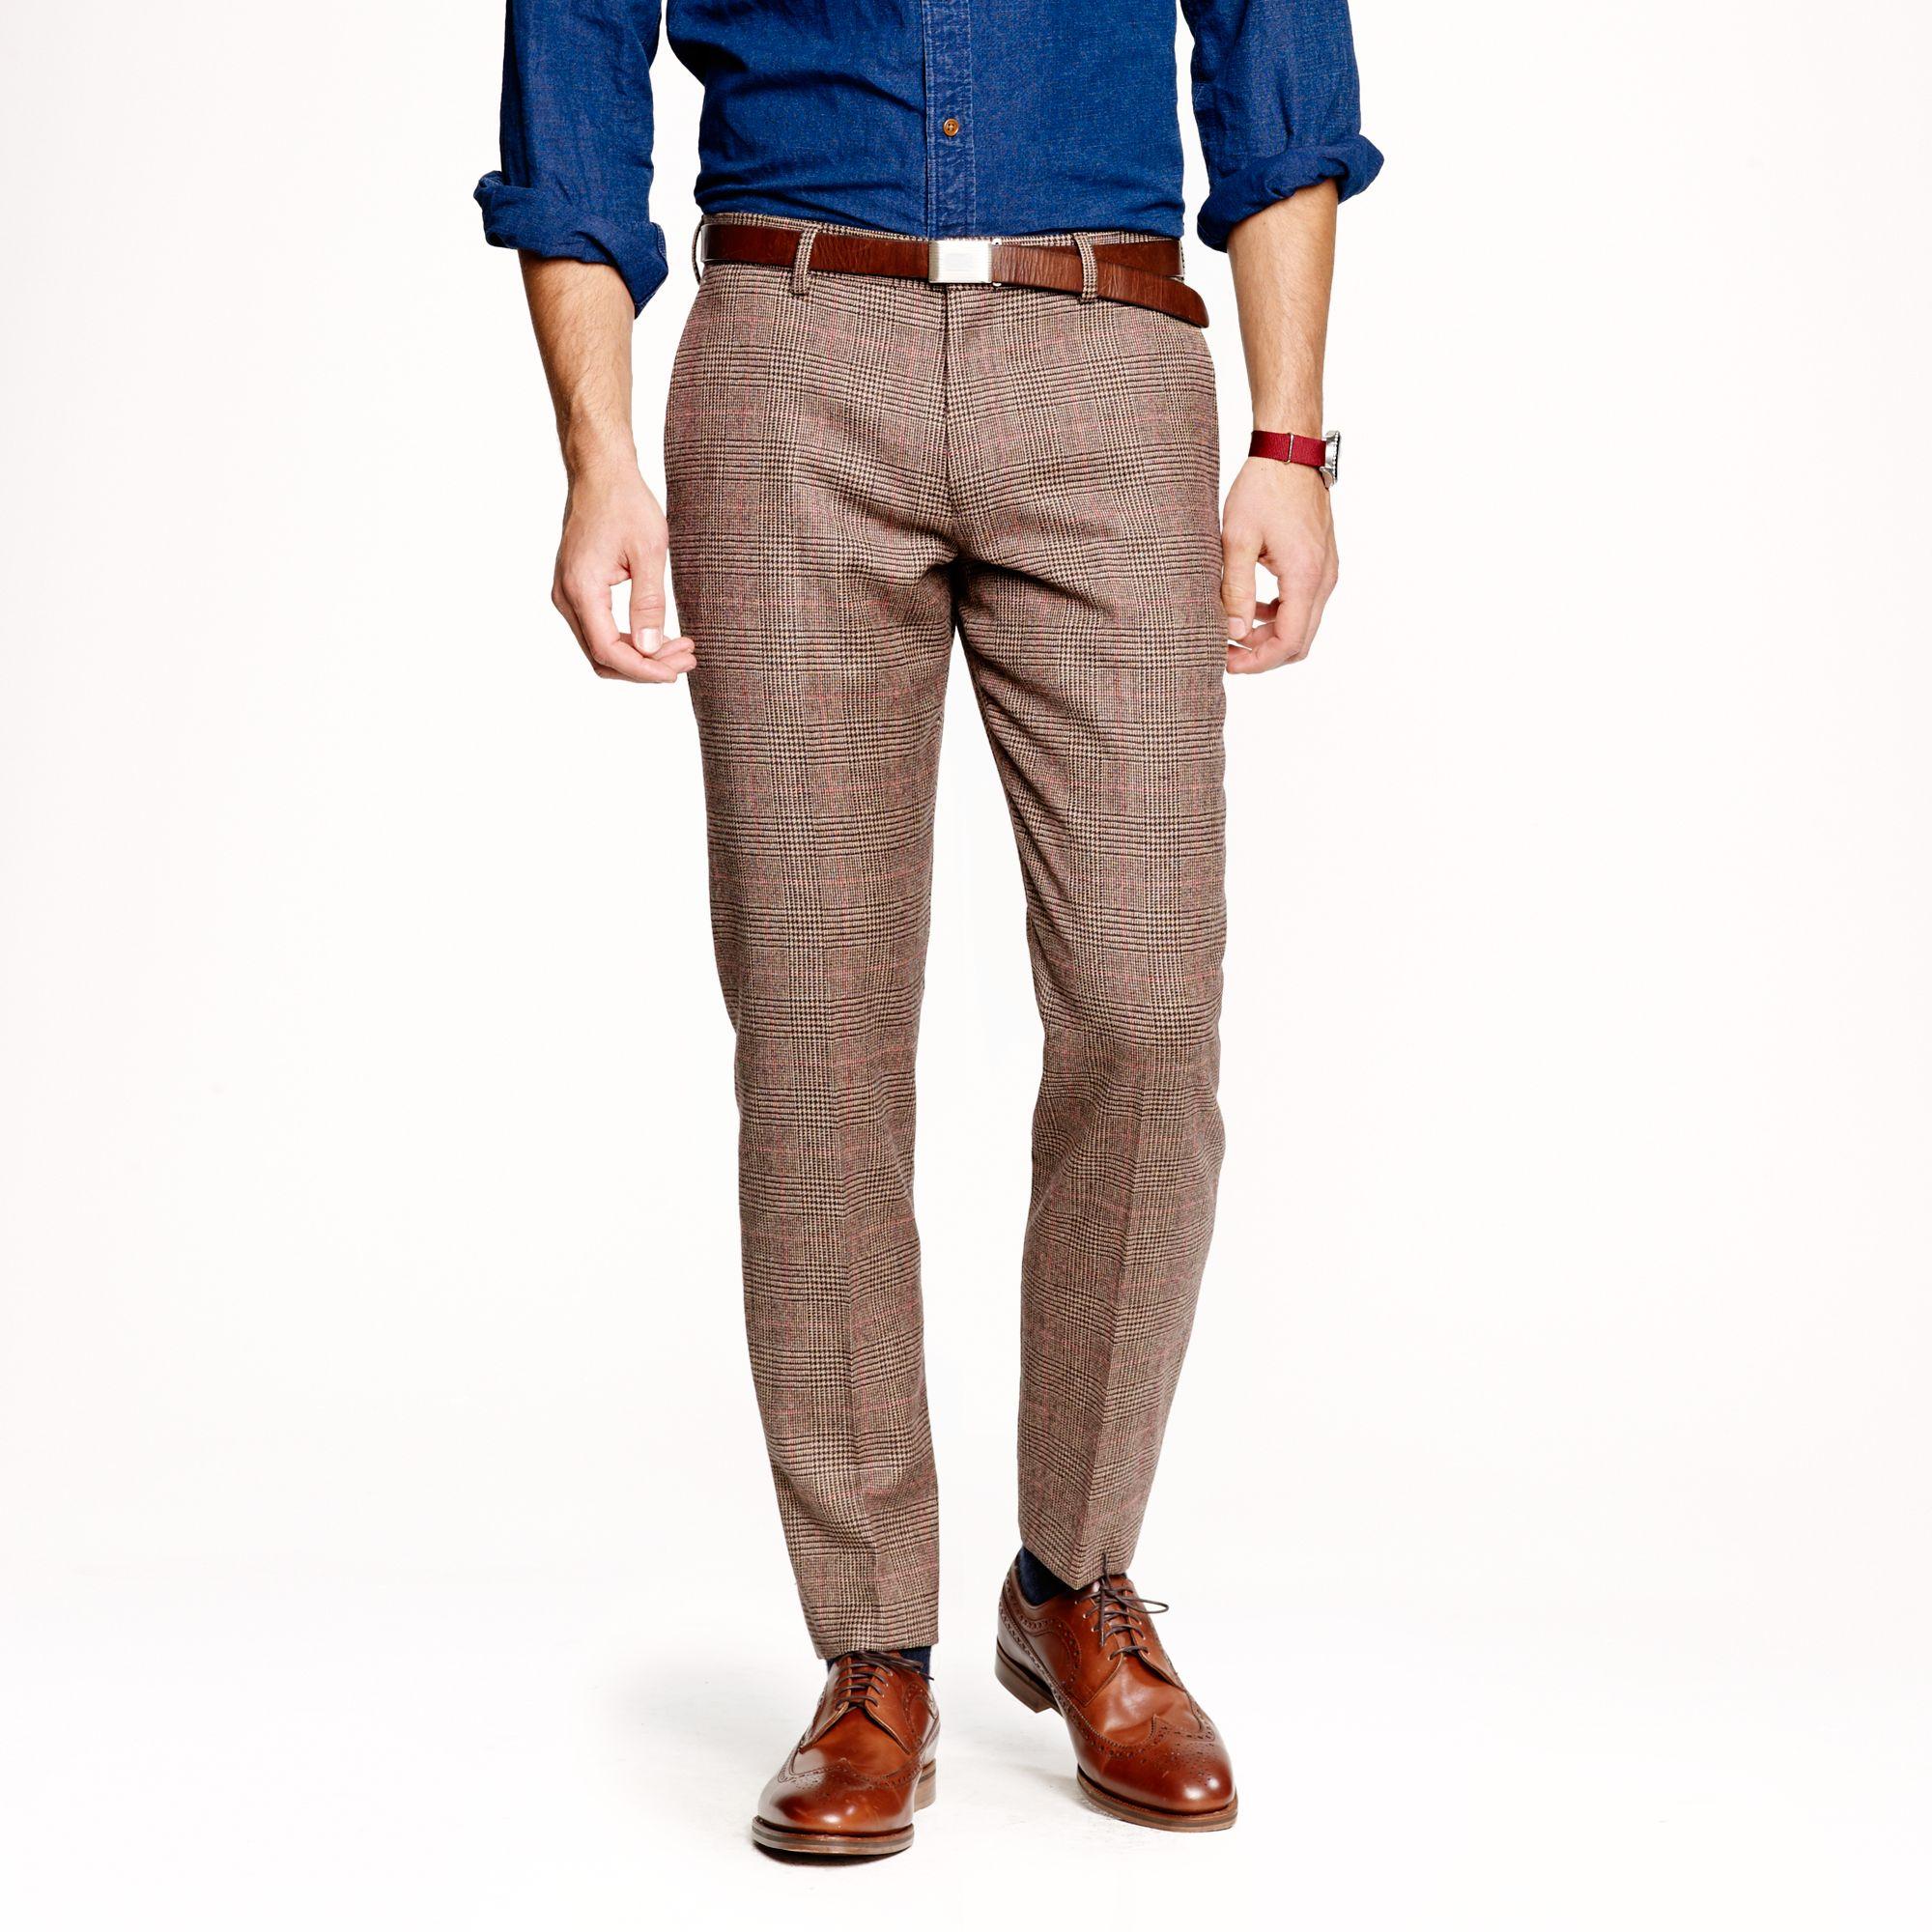 J.crew Lud Low Slim Suit Pant in Glen Plaid English Wool in Brown ...